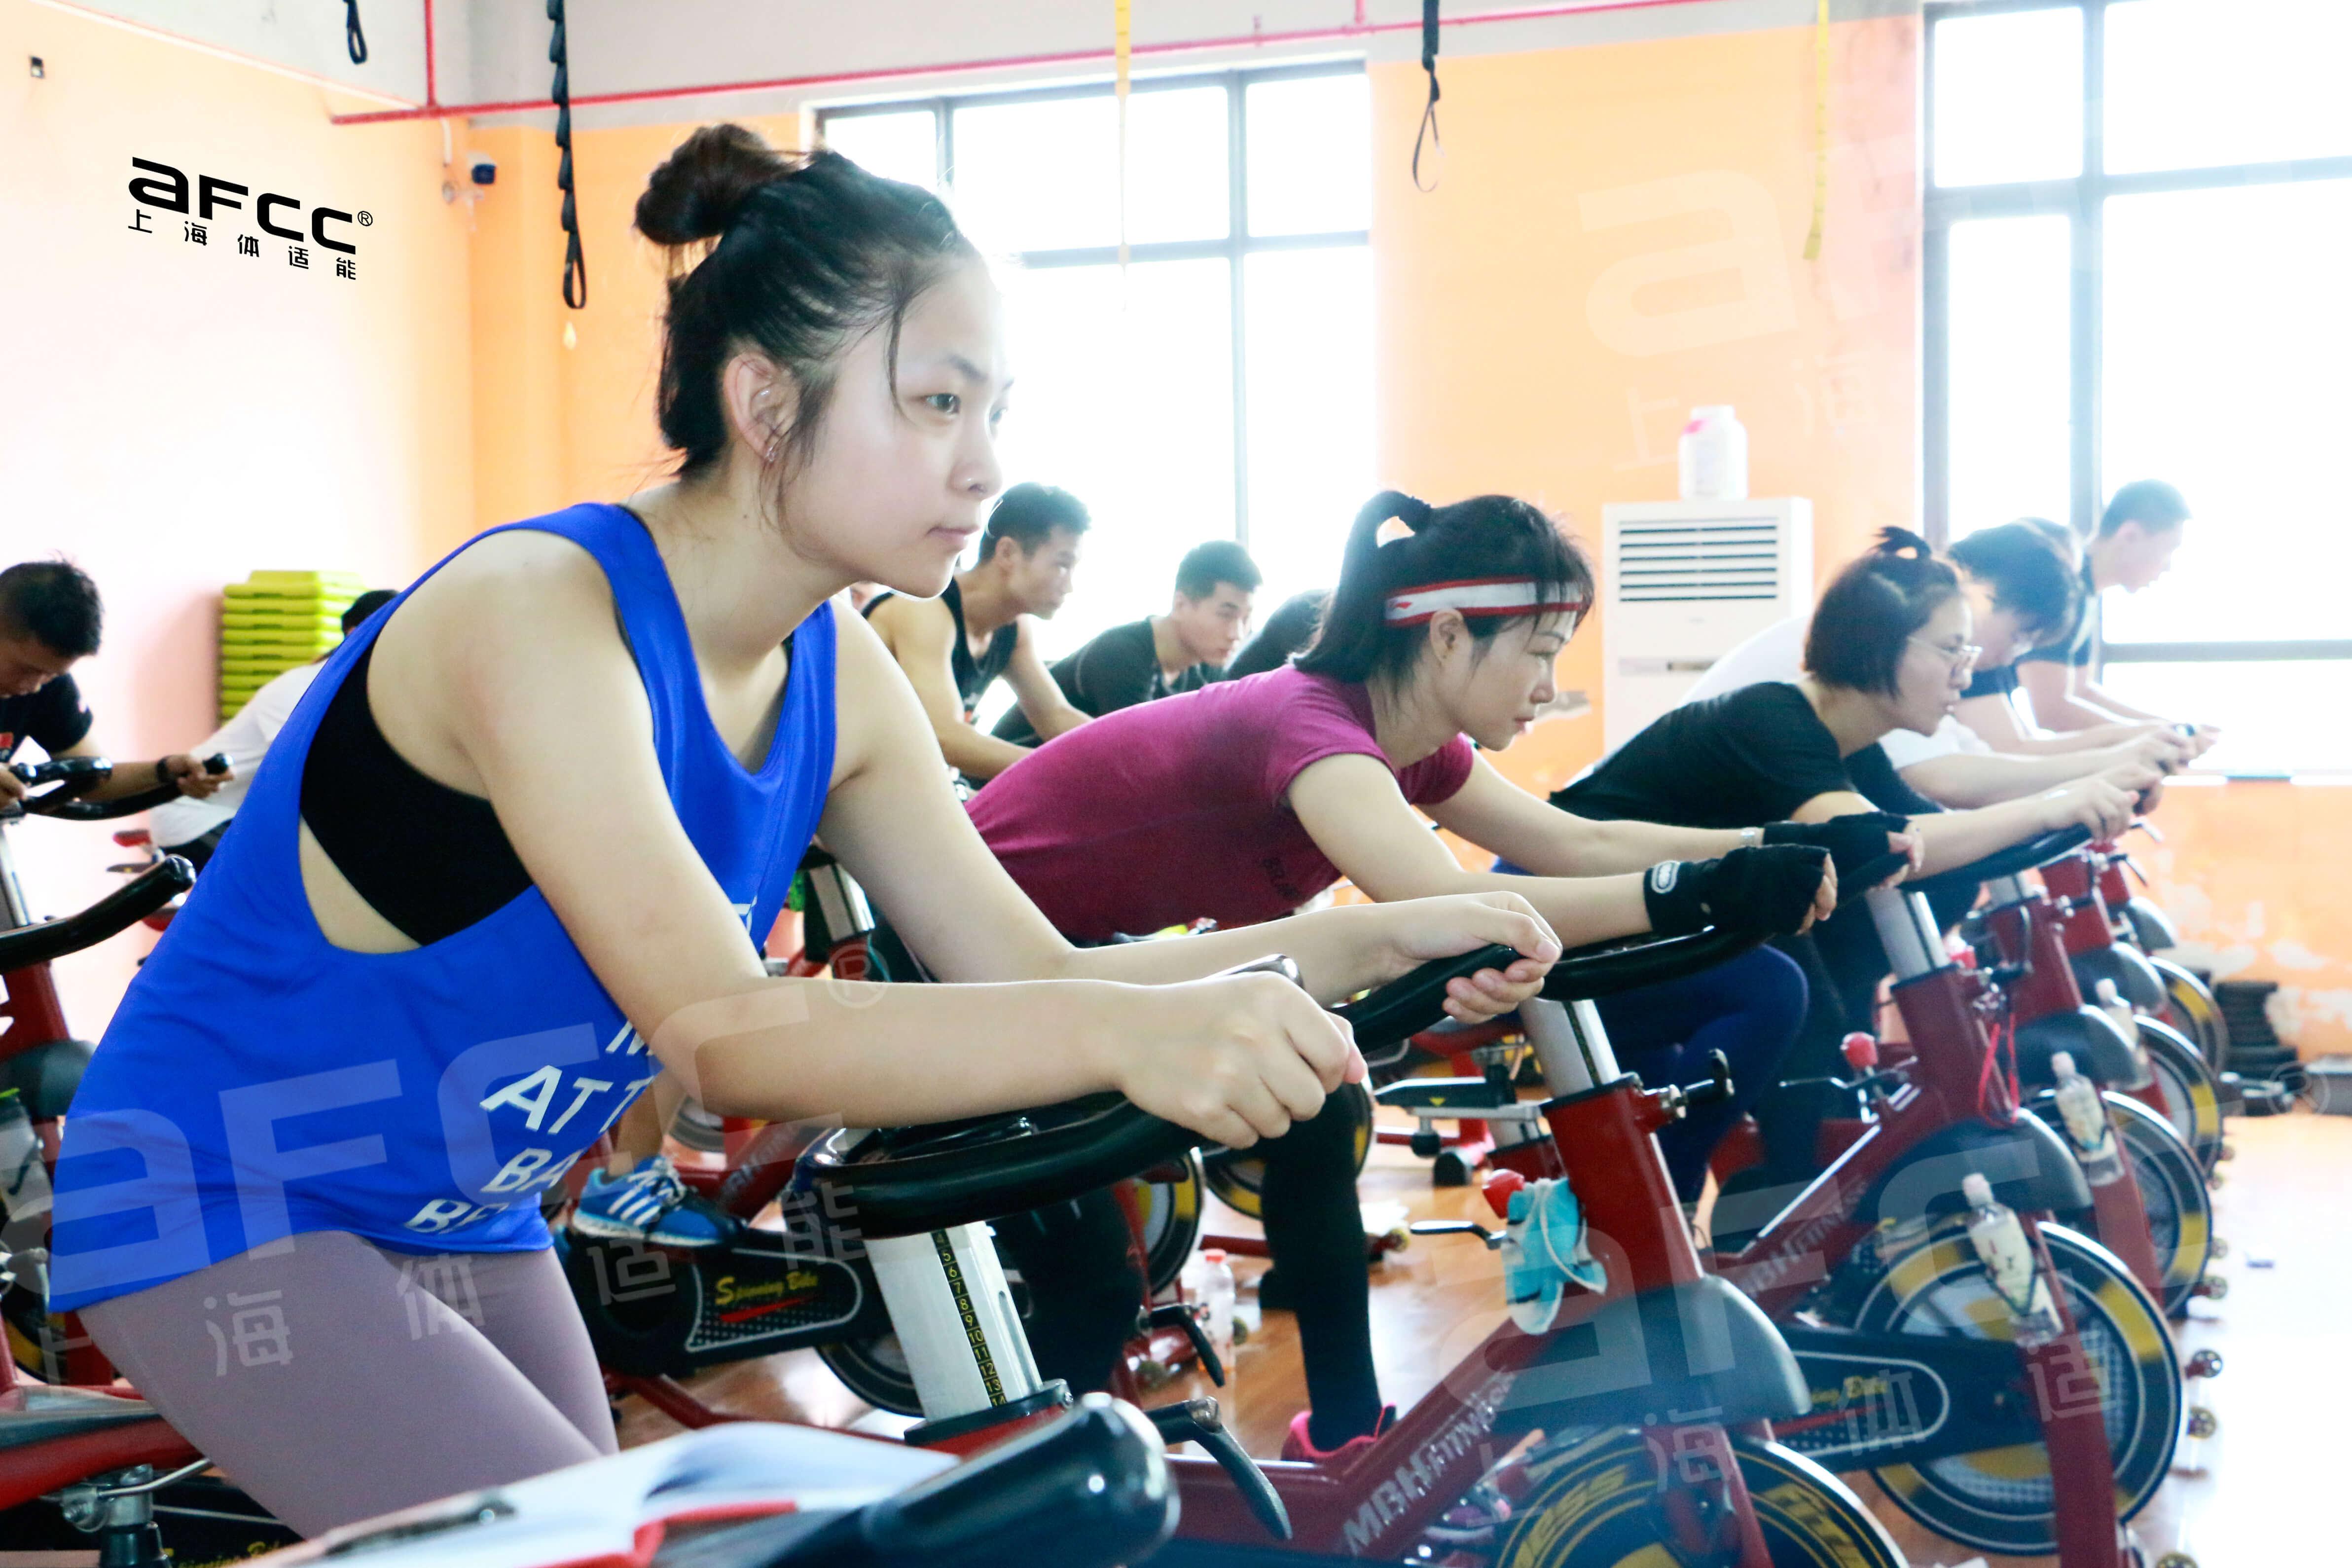 动感单车是一种结合了音乐、视觉效果等独特的充满活力的室内自行车训练课程